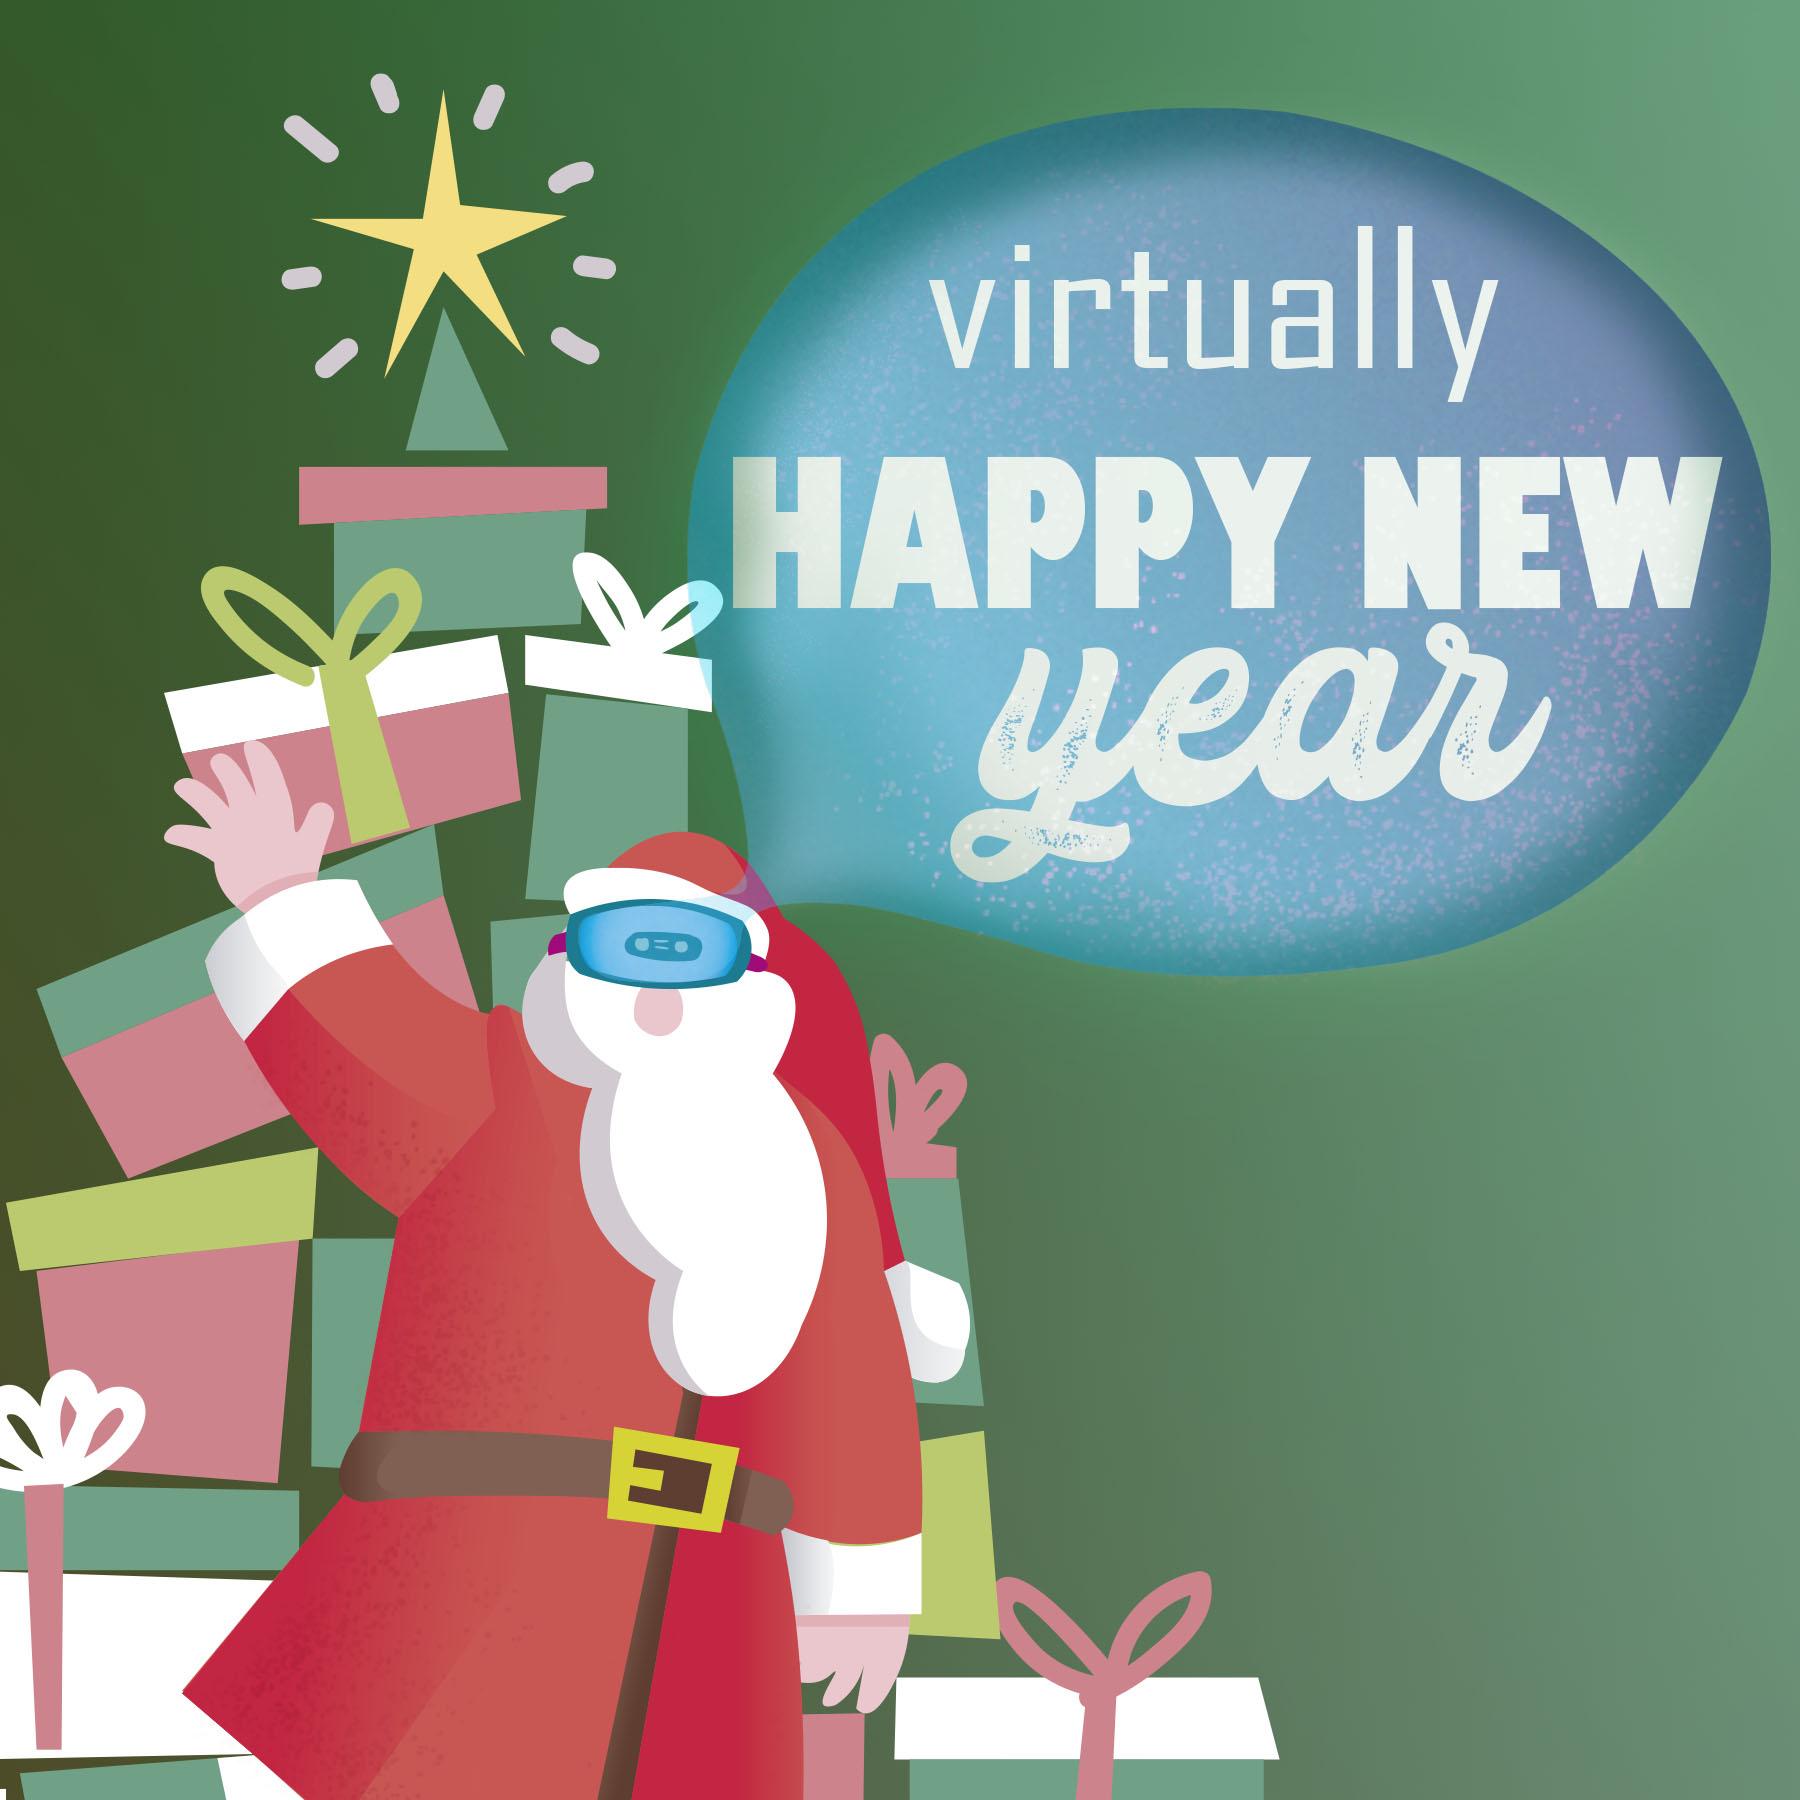 Virtually Happy New Year